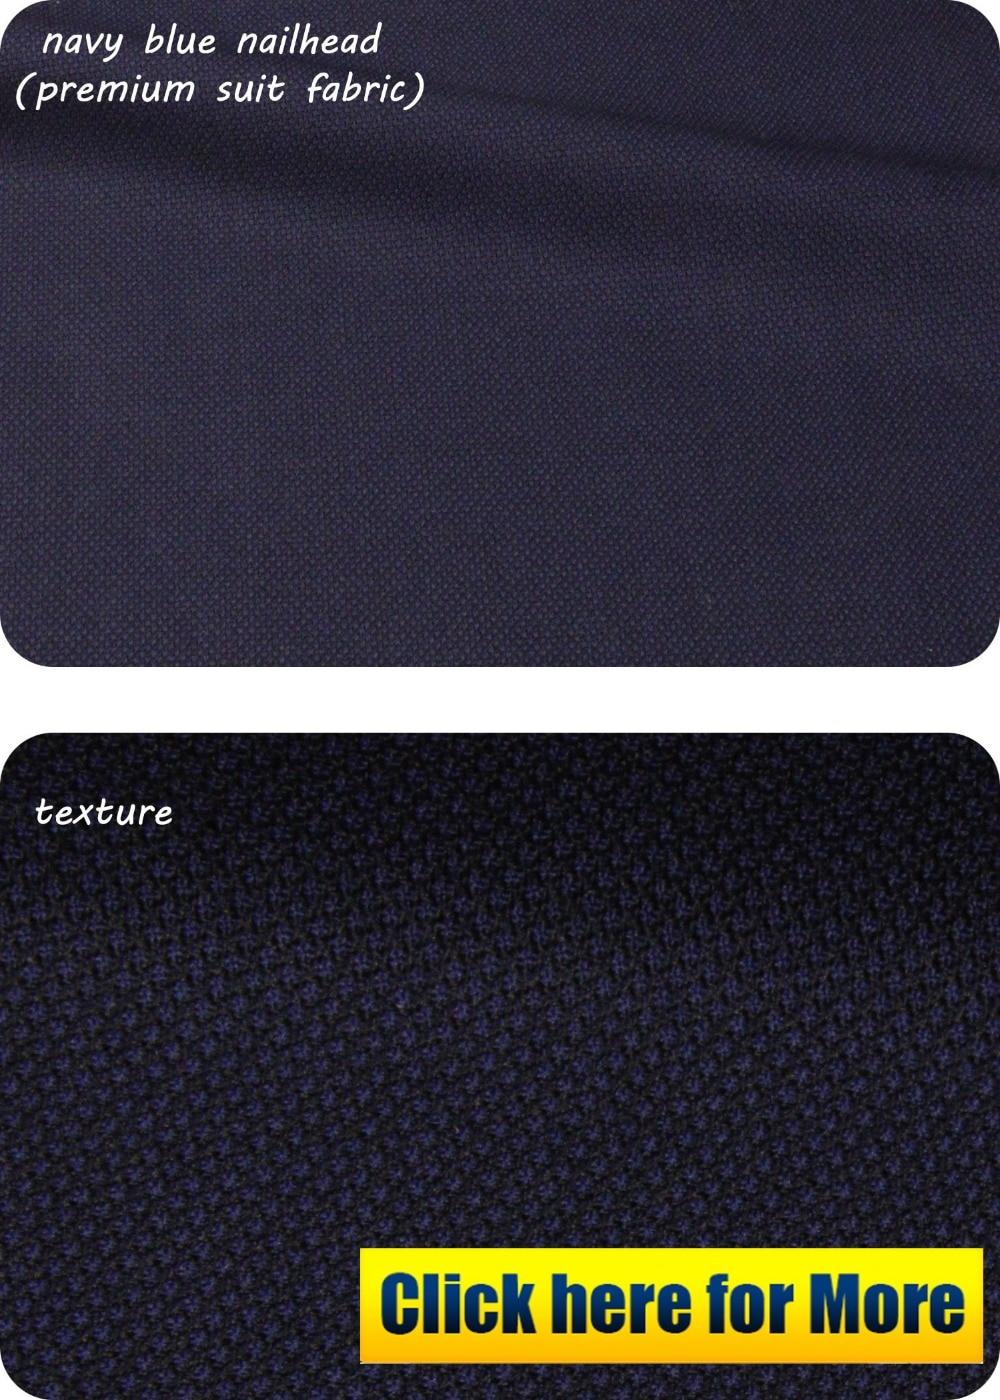 navy blue nailhead premium suit fabric_1